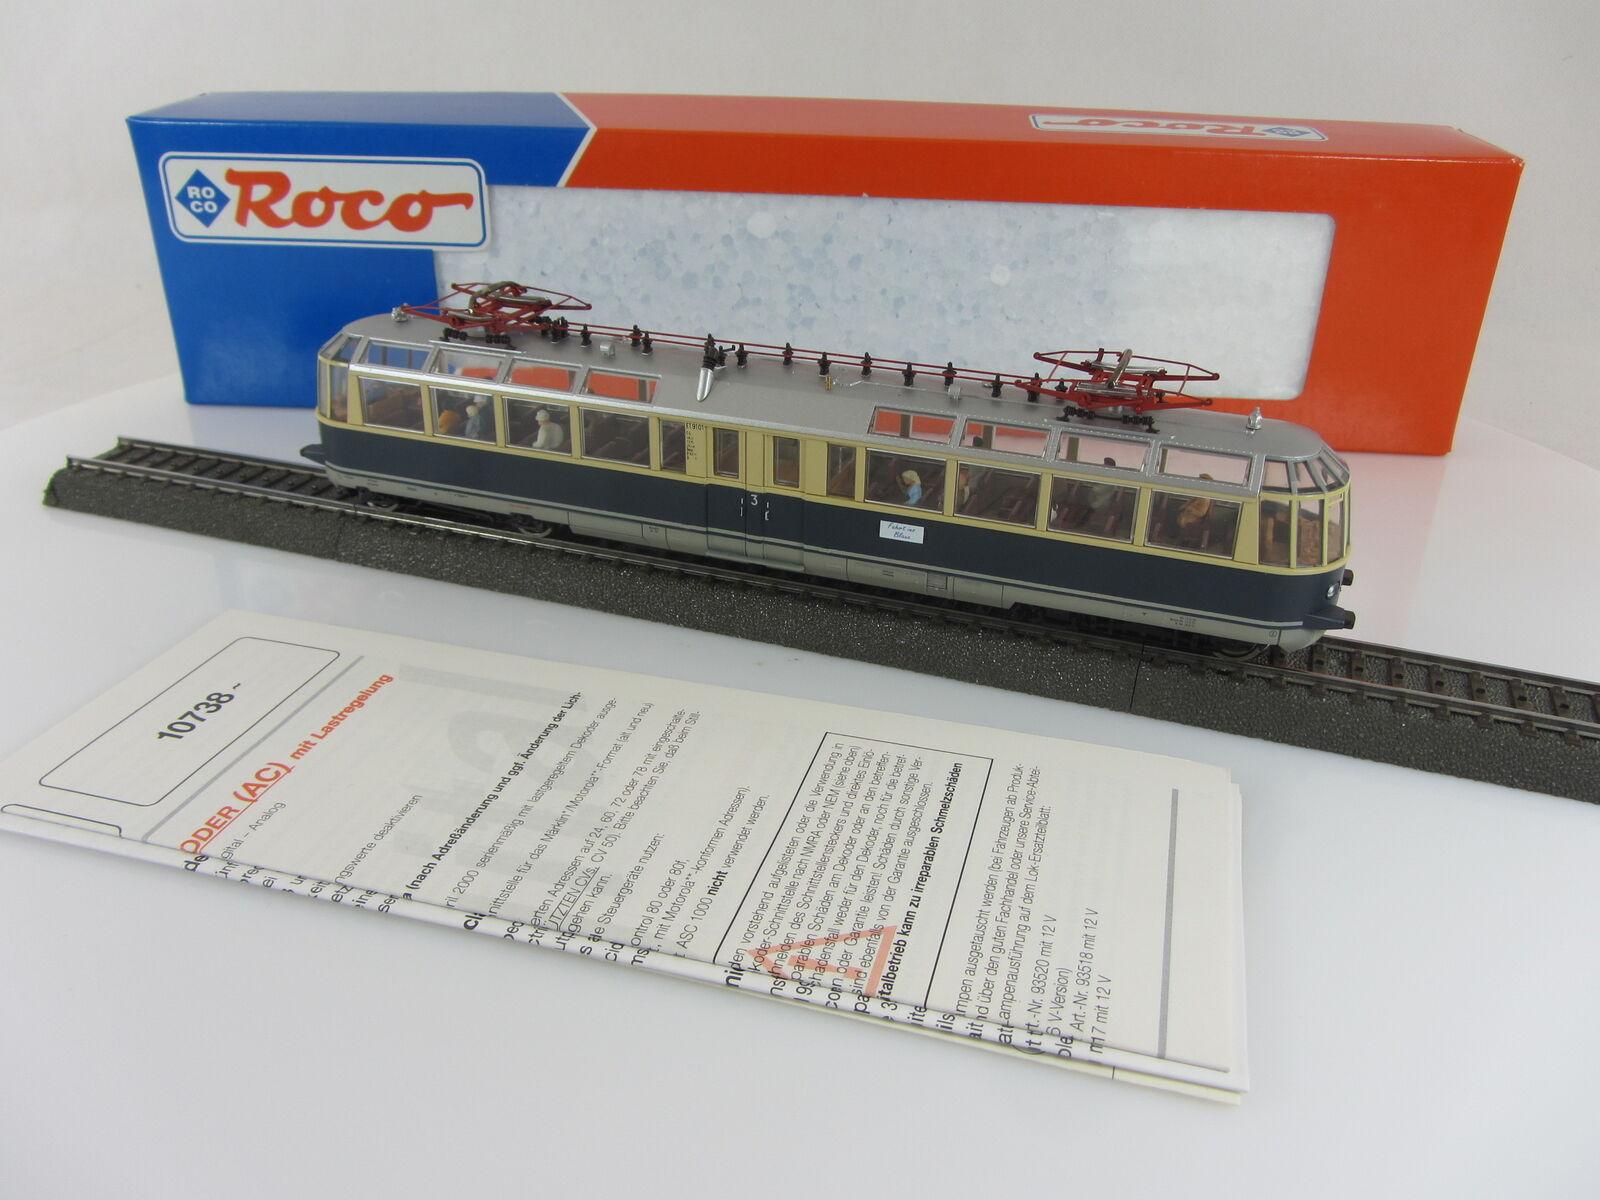 nuovi prodotti novità ROCO 69788 significherebbe treno treno treno et 91 della DB, di corrente alternata di esecuzione, digitale con OVP  stanno facendo attività di sconto